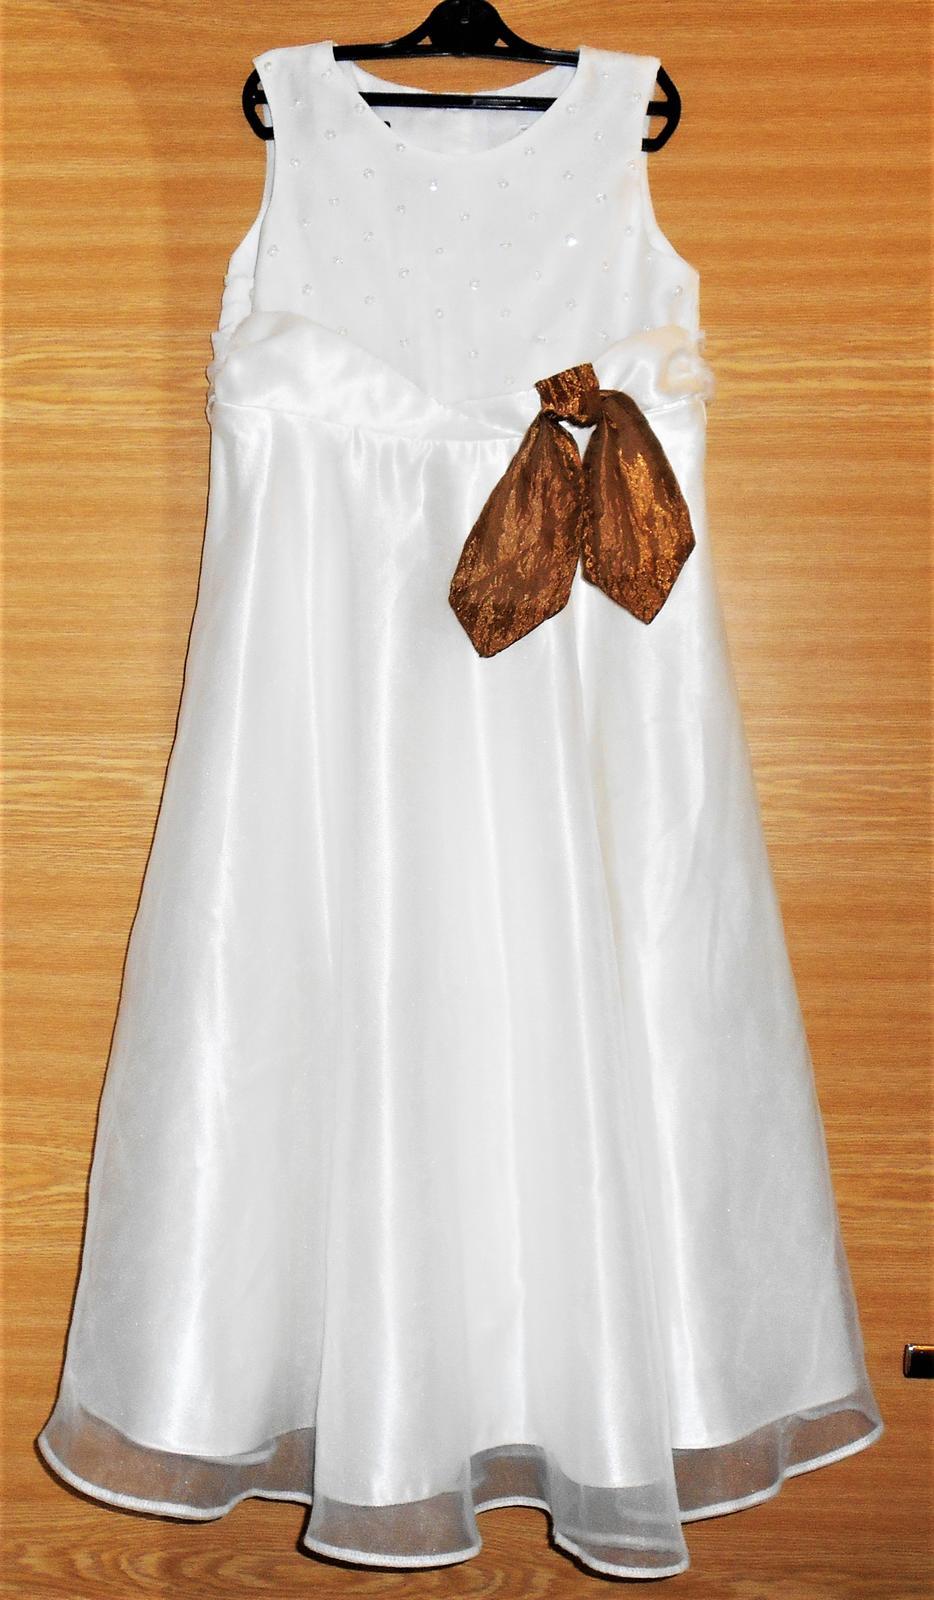 spoločenské šatečky Next na 8 rokov - Obrázok č. 1